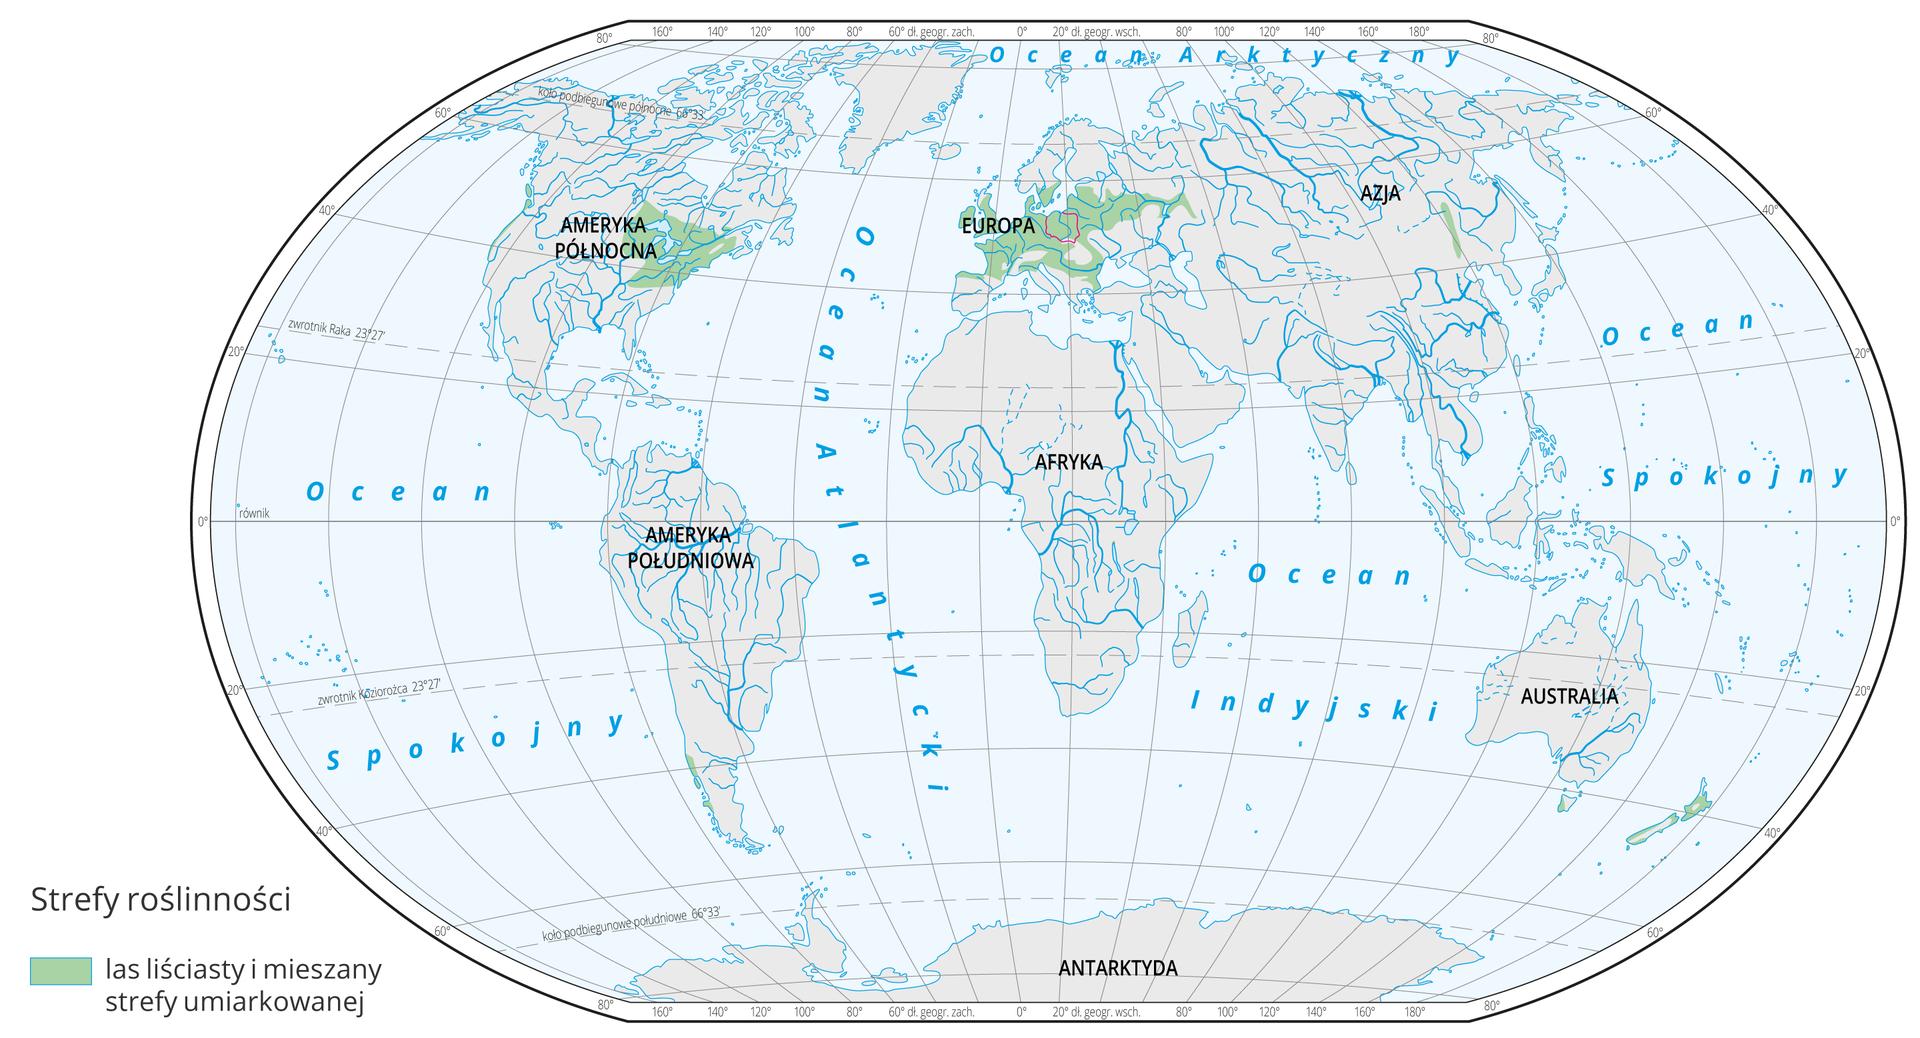 Mapa świata prezentuje występowanie lasów liściastych na Ziemi. Lasy liściaste oznaczone kolorem zielonym na mapie występują w: Północnej iŚrodkowej Europie, Środkowo - Wschodniej Ameryce Północnej.